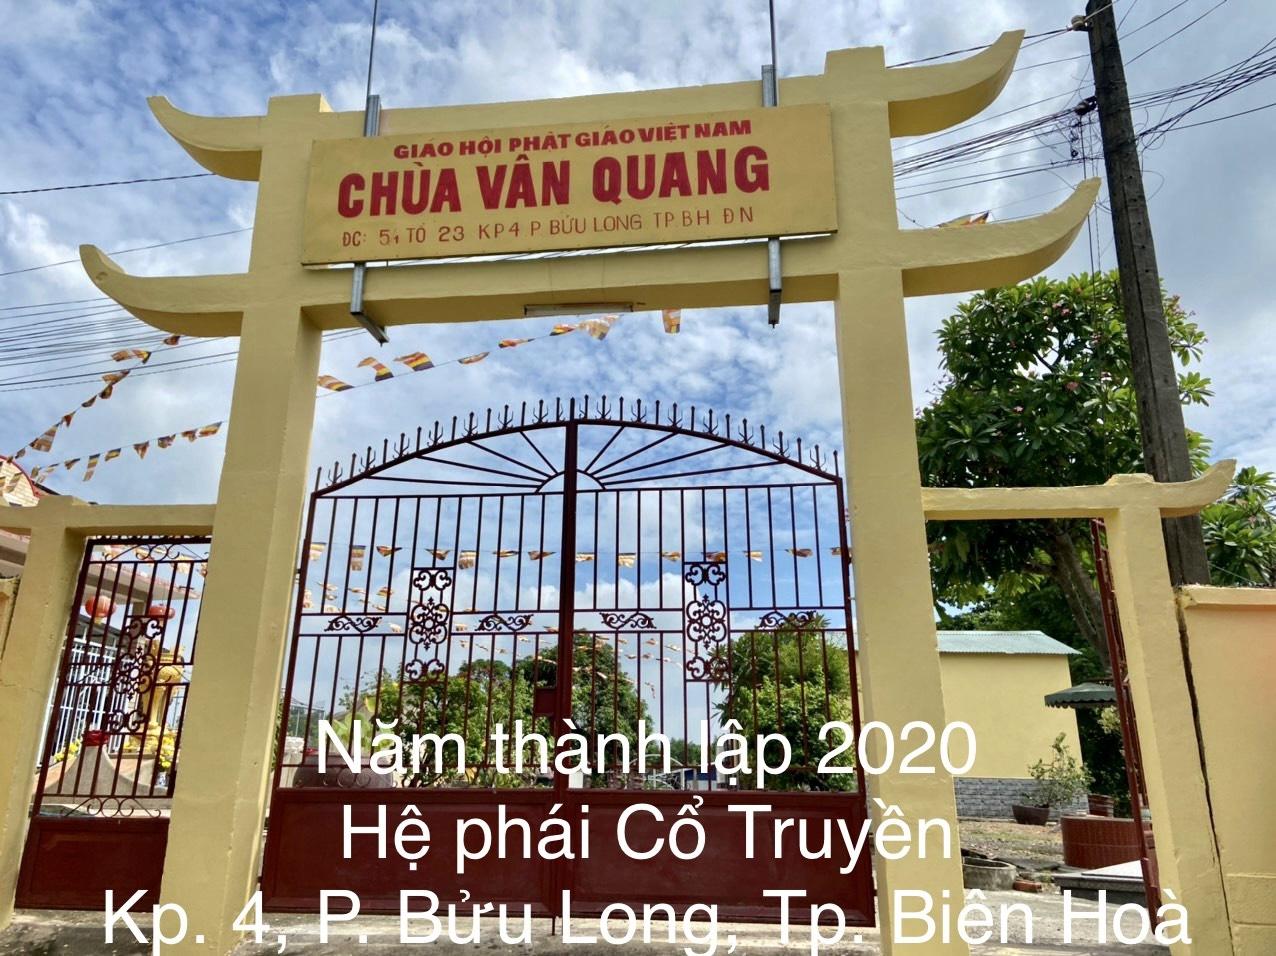 Chùa Vân Quang phường Bửu Long